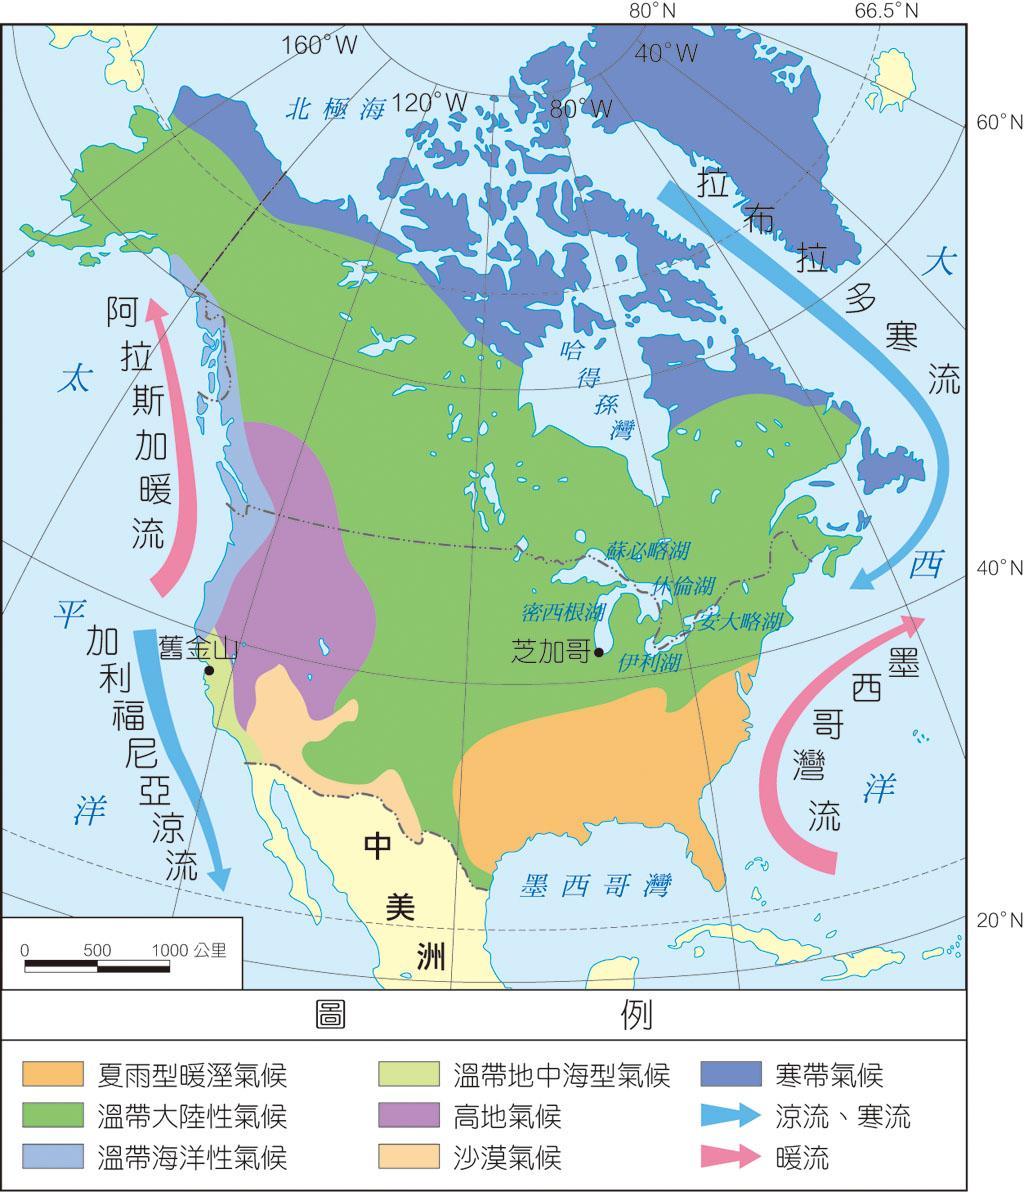 求美国气候类型分布图